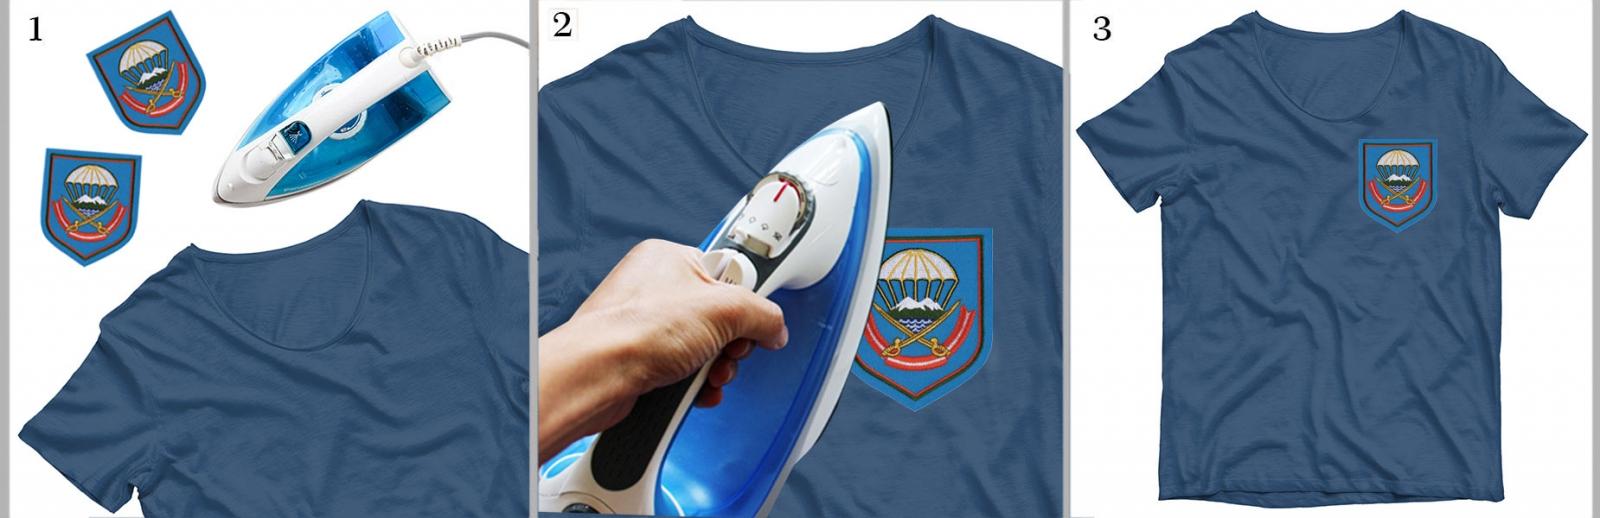 Нашивка ВДВ 108 ДШП на футболке